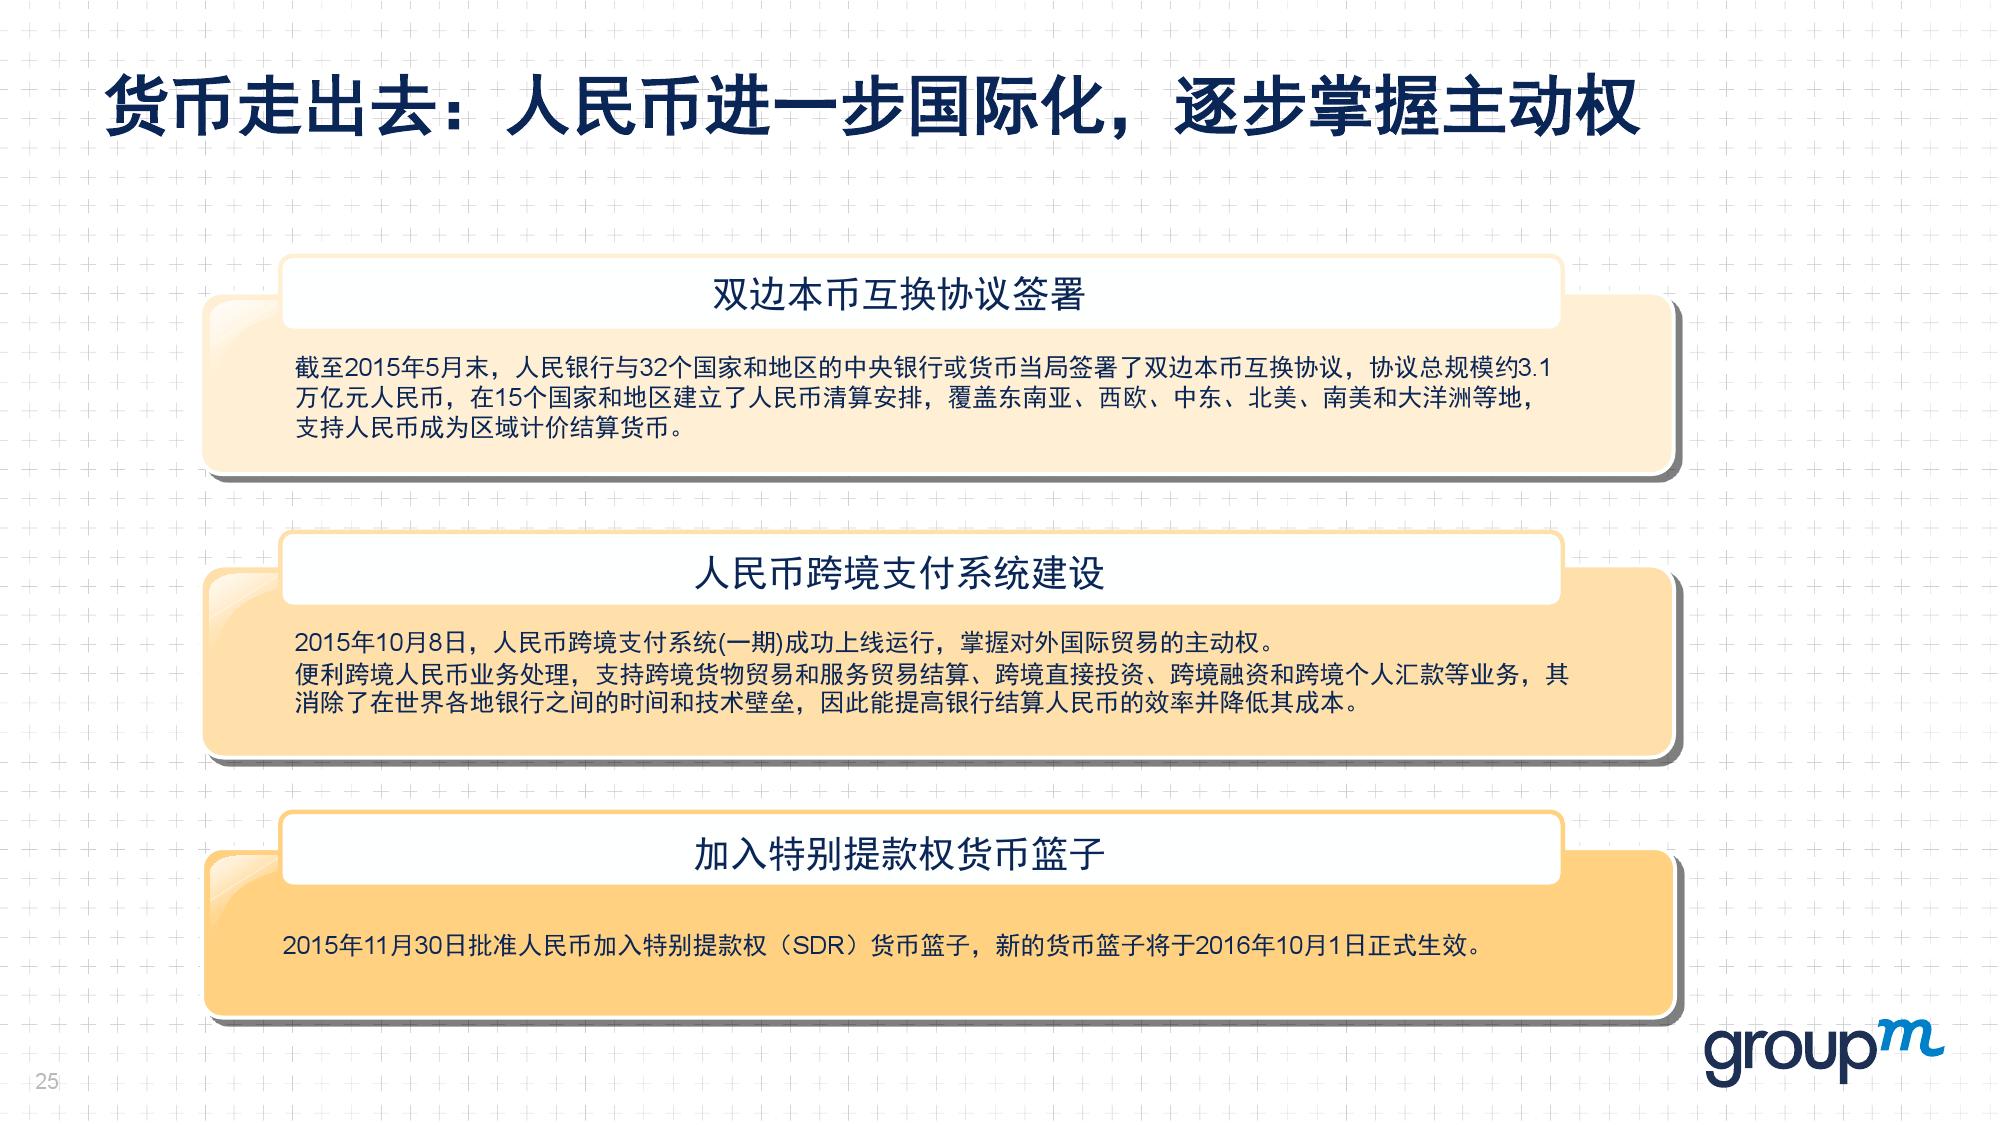 赢在中国2016:从需求刺激转向供给侧改革_000025